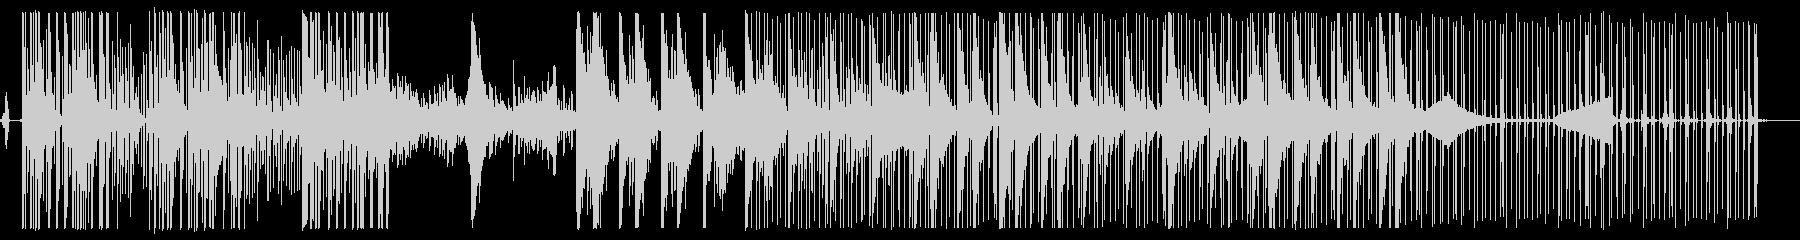 イカの歌 春 イカスミ EDM Futuの未再生の波形